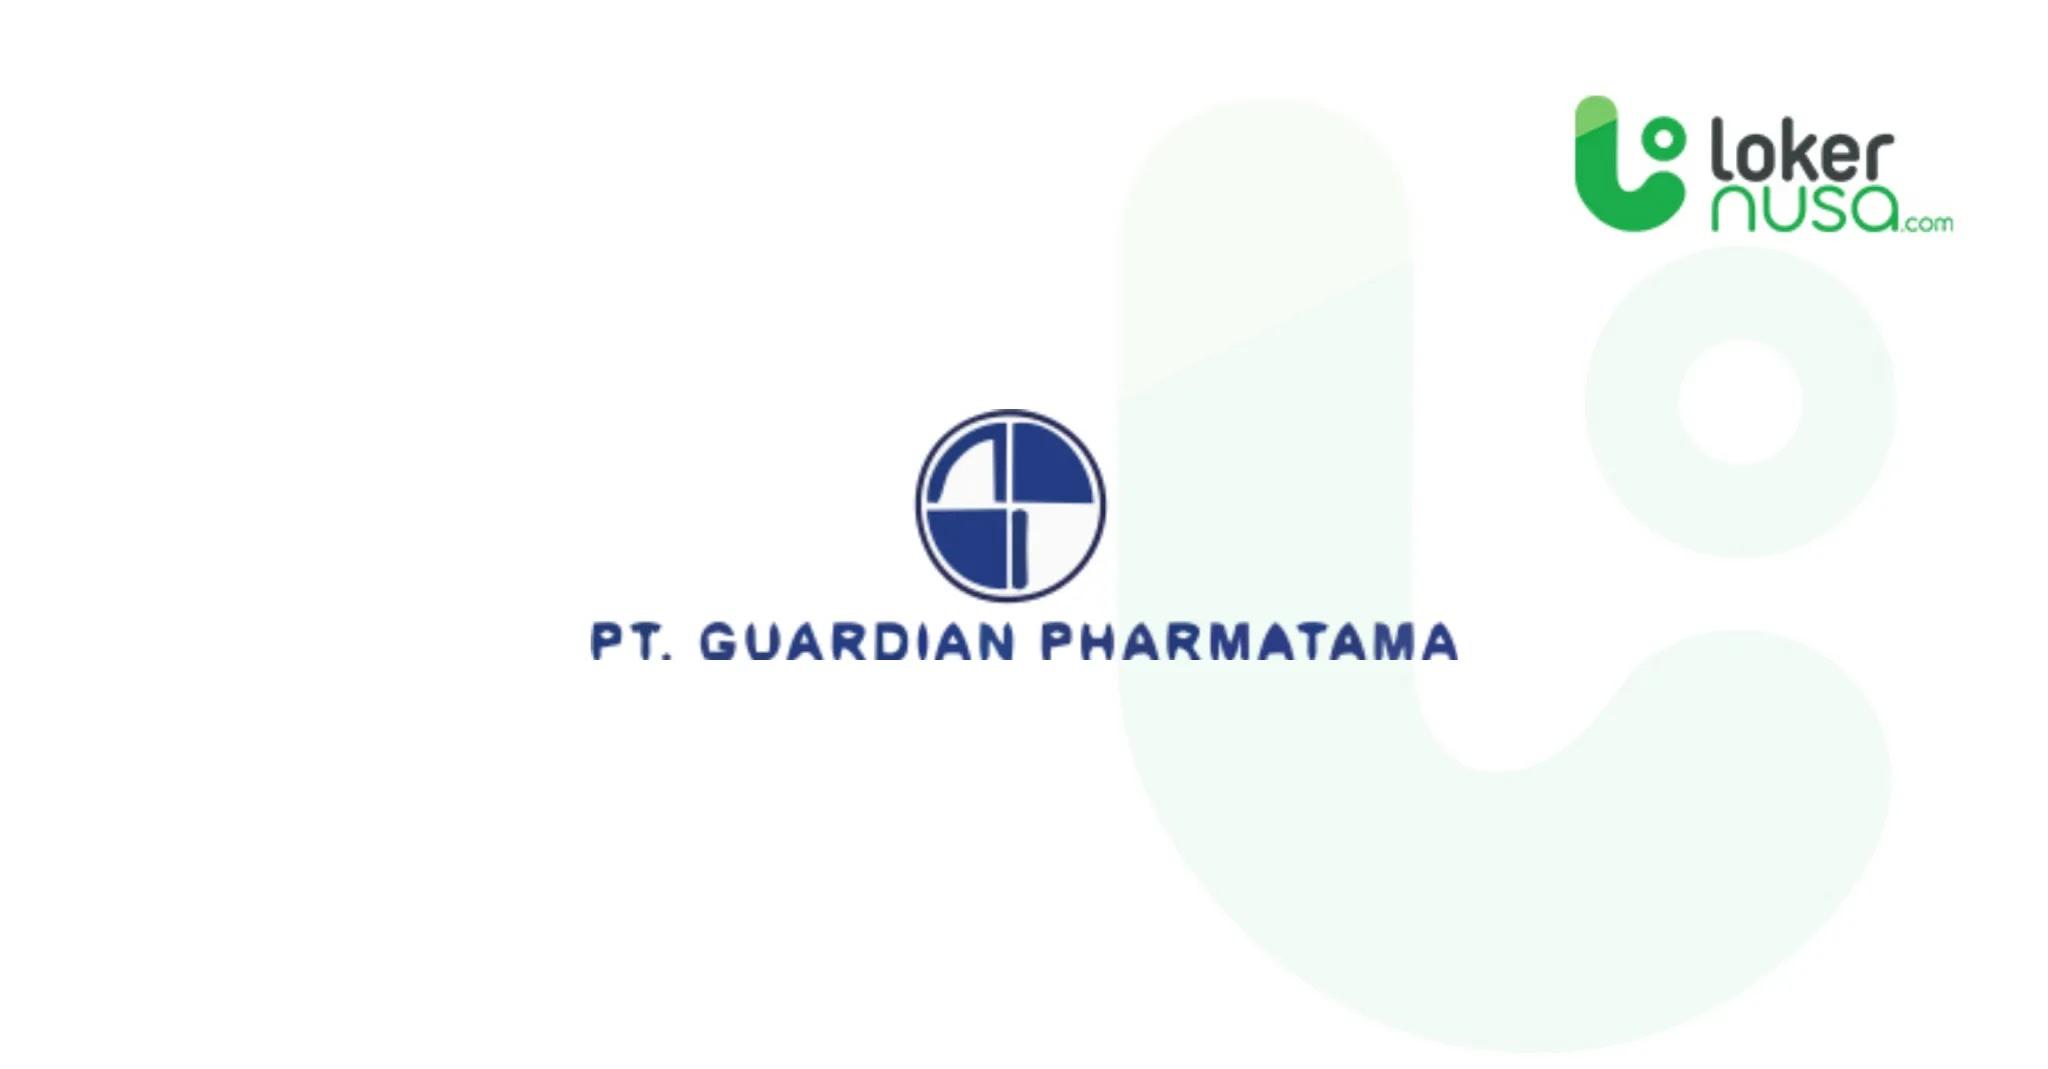 Lowongan Kerja Juli 2021 Guardian Pharmatama